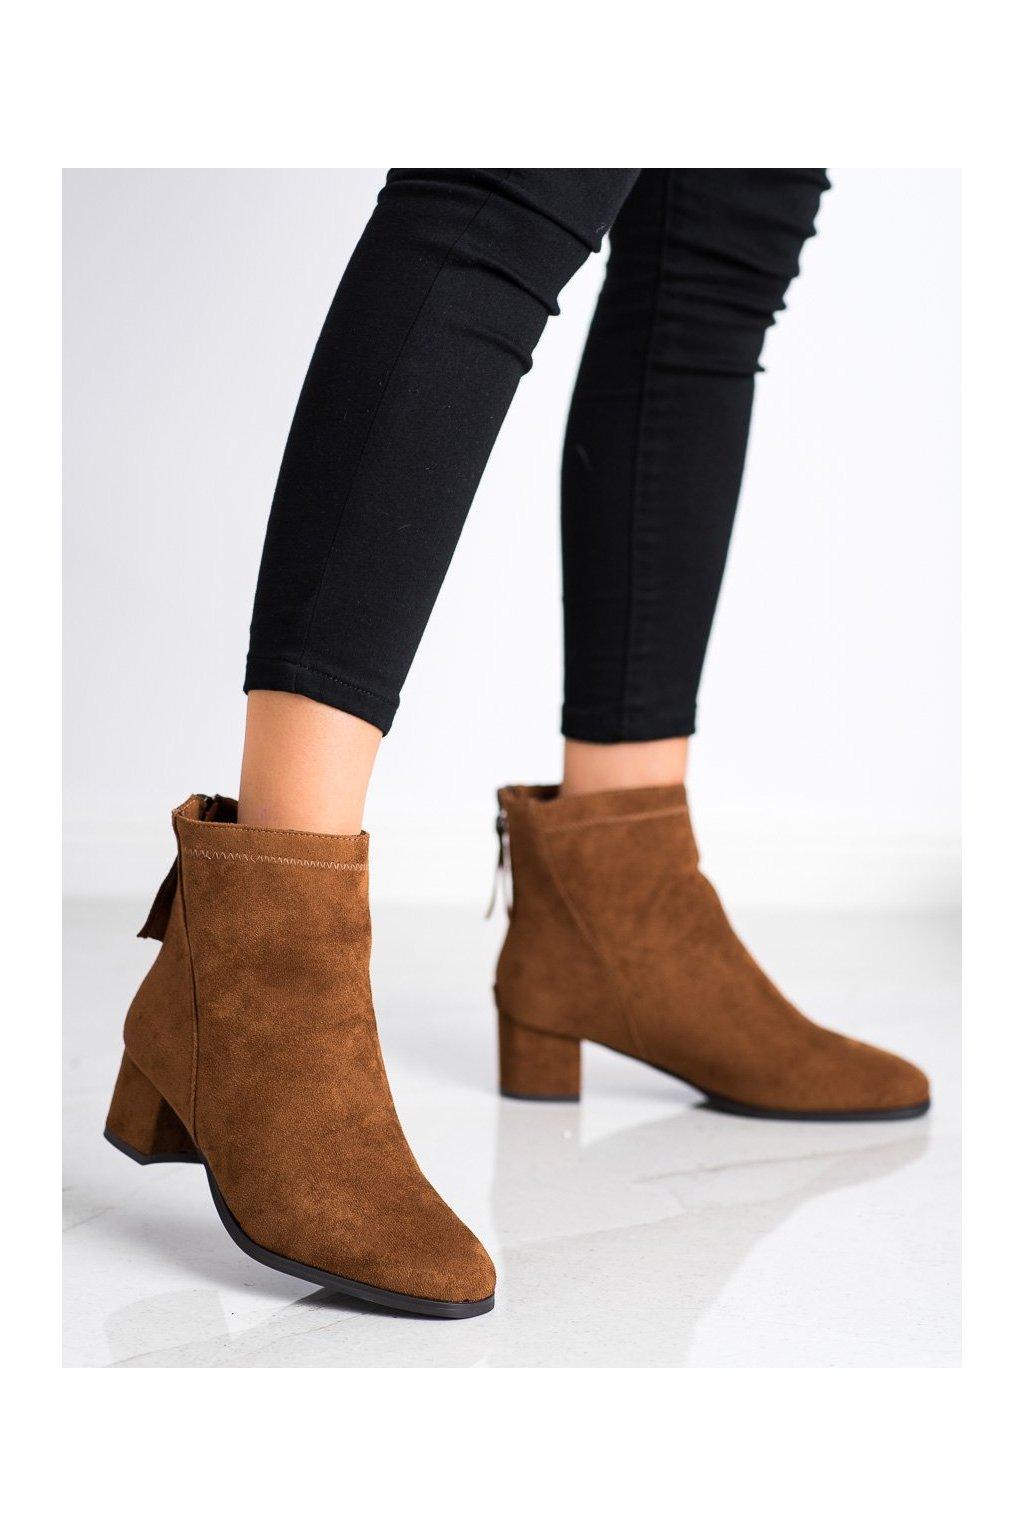 Hnedé dámske topánky Sabatina kod DM20-237C